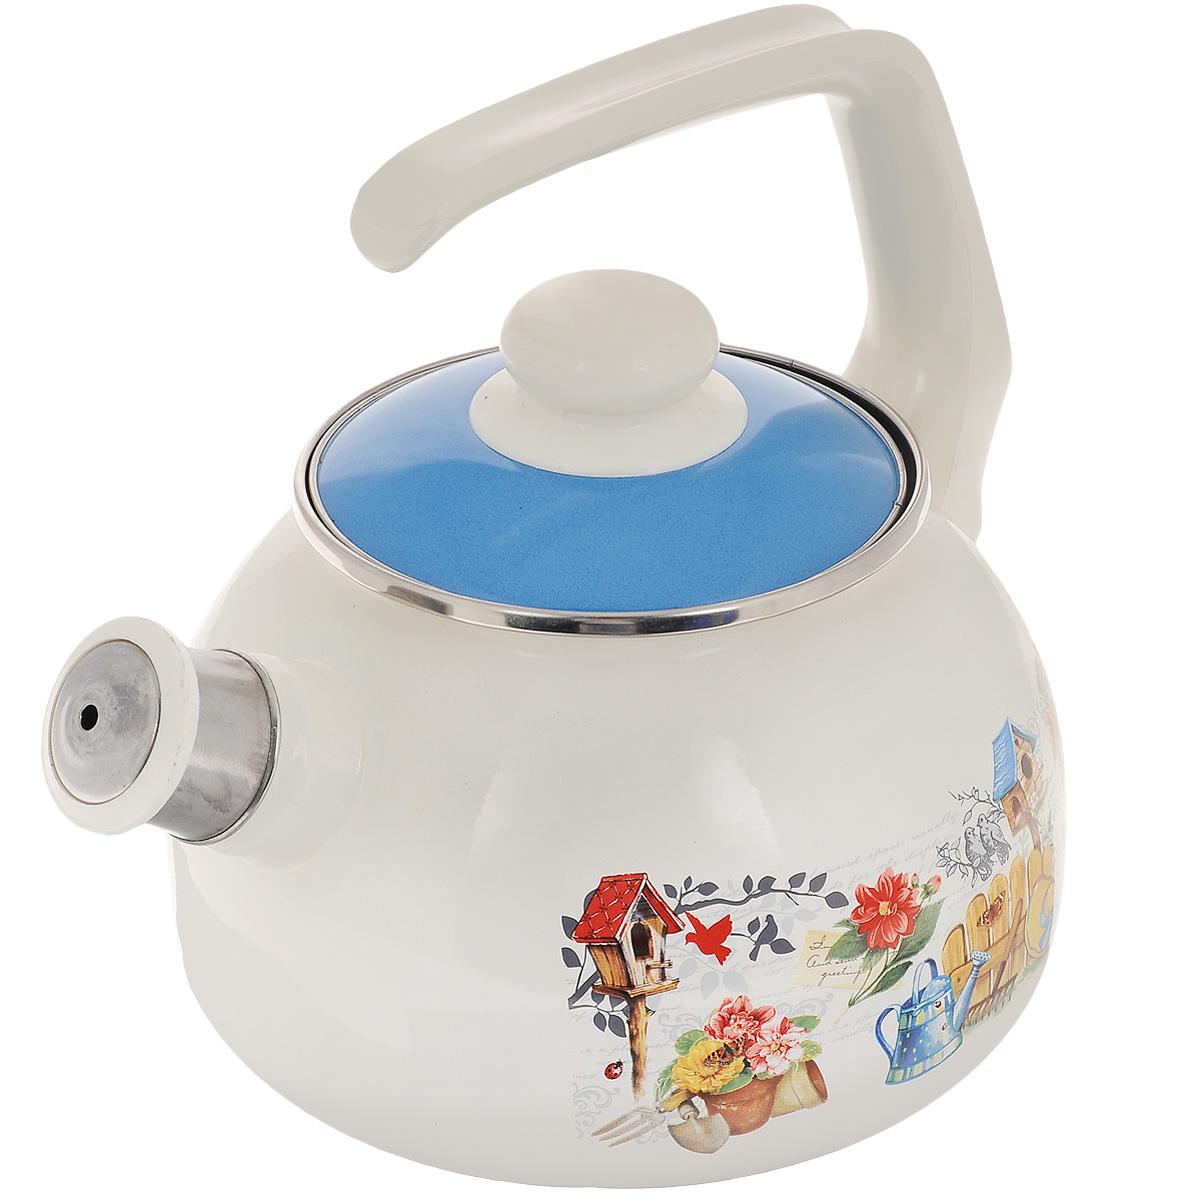 """Чайник Metrot """"Дача"""" выполнен из высококачественной стали, что обеспечивает долговечность использования. Внешнее цветное эмалевое покрытие придает приятный внешний вид. Бакелитовая фиксированная ручка делает использование чайника очень удобным и безопасным. Чайник снабжен съемным свистком.  Можно мыть в посудомоечной машине. Пригоден для всех видов плит, включая индукционные.  Высота чайника (без учета крышки и ручки): 13 см. Диаметр (по верхнему краю): 13 см."""